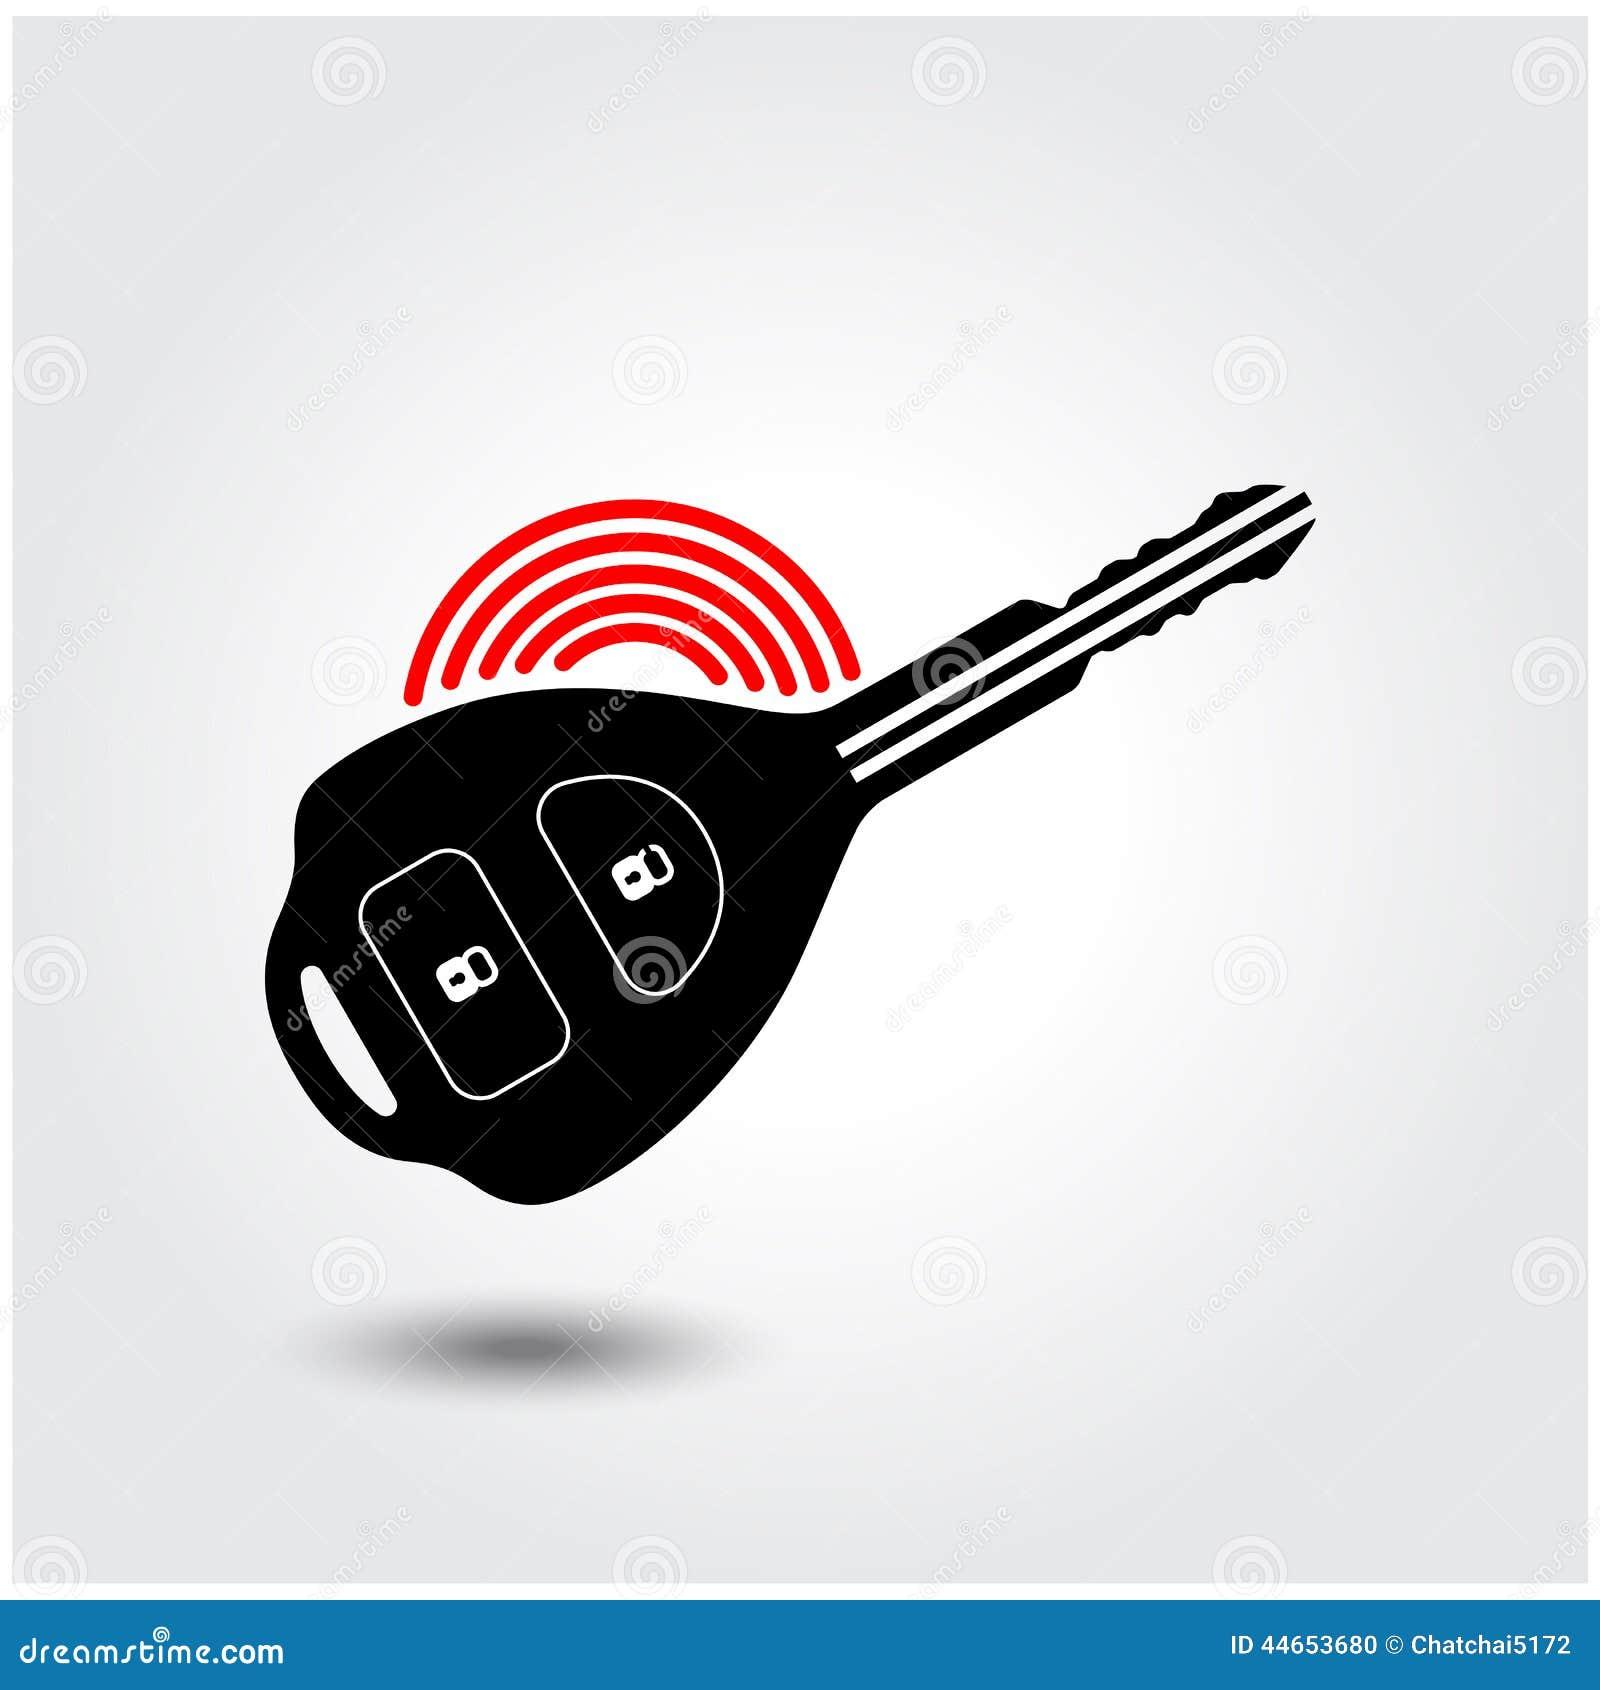 Vector Key Illustration: Car Remote Key Symbol Stock Vector. Illustration Of